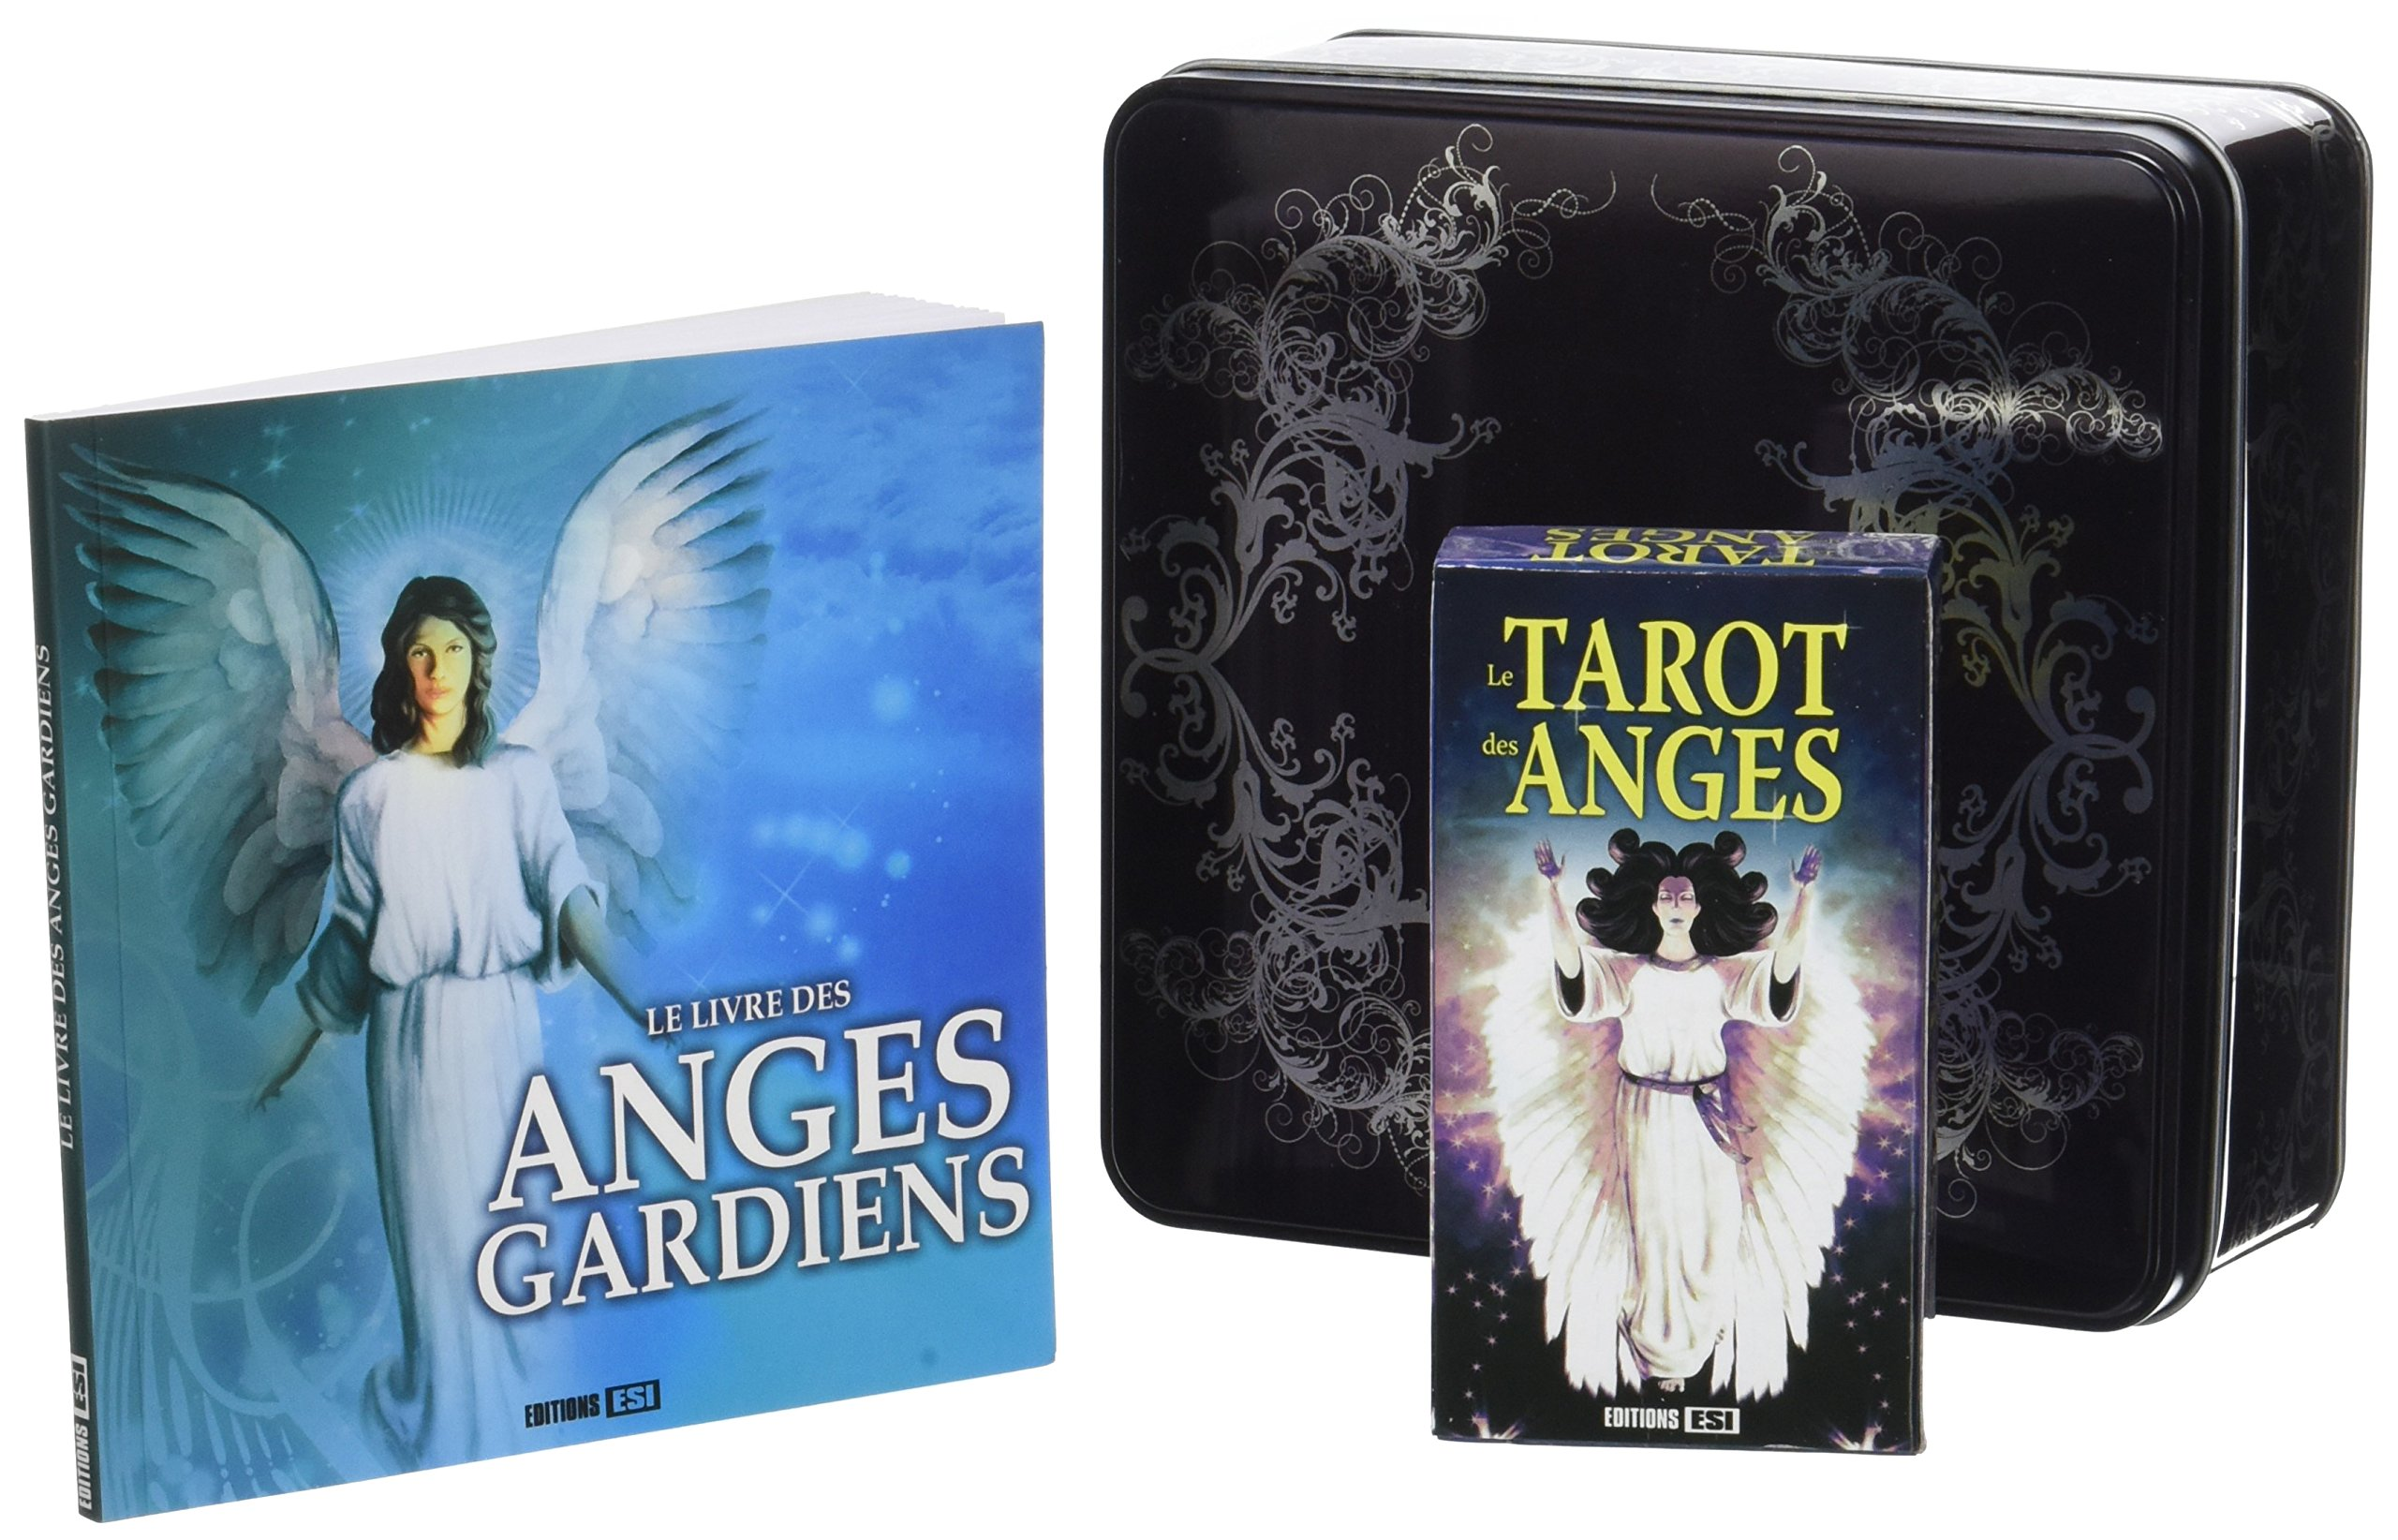 Le coffret des Anges : Les connaître, les comprendre, les contacter. Contient : 1 livre, 1 tarot des anges Coffret produits – 4 octobre 2017 Las Casas Editions ESI 2822605890 Anges/archanges